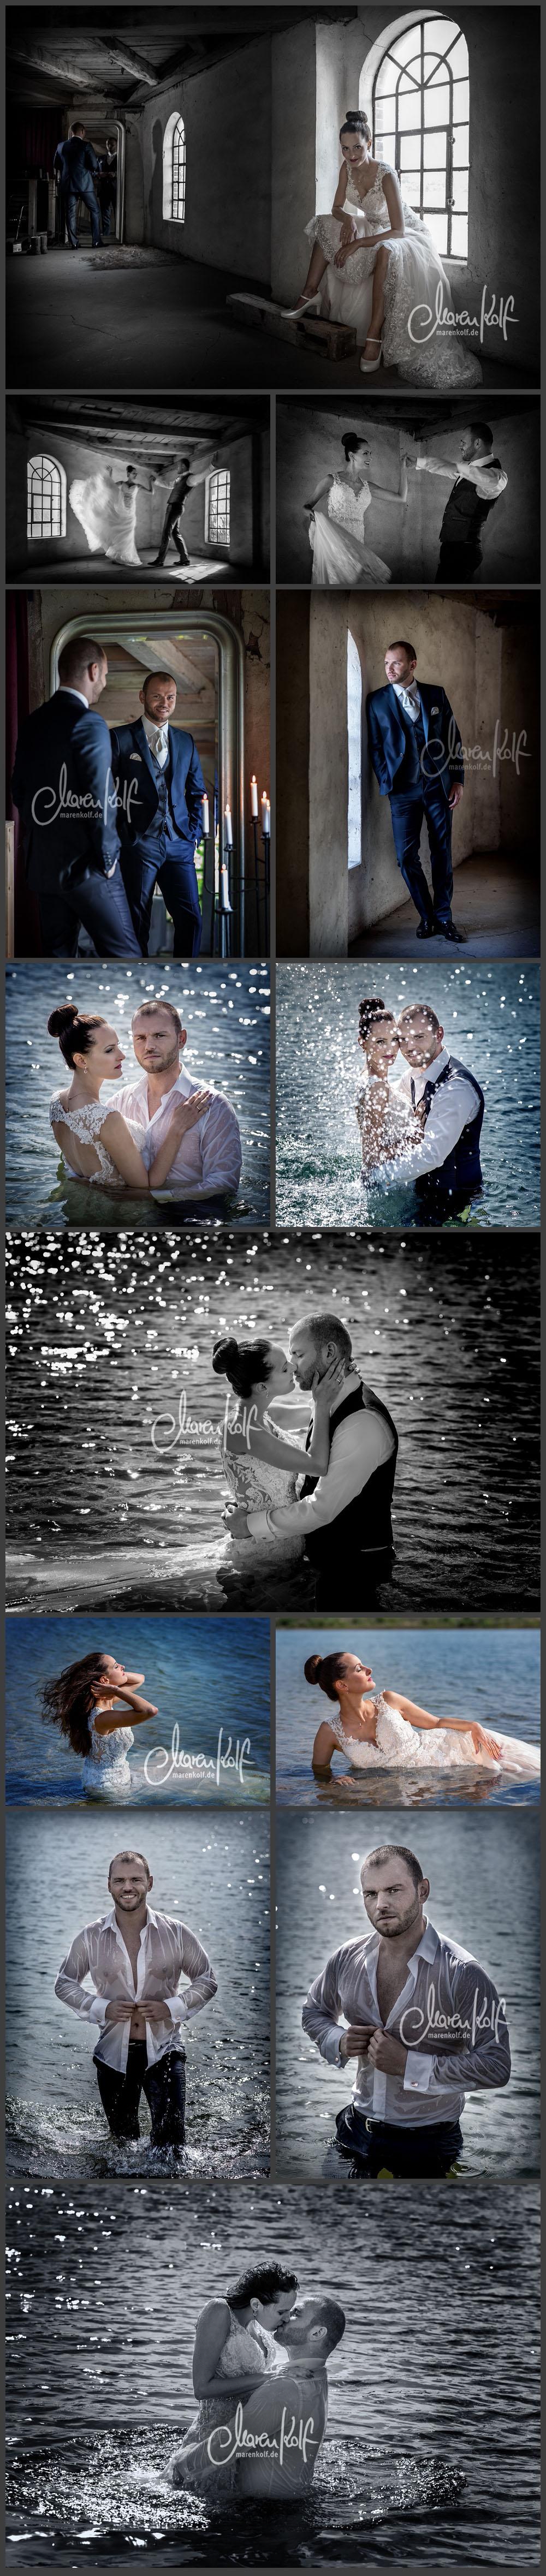 hochzeit-after-wedding-wasser-shooting-liebe-brautportrait-wedemark